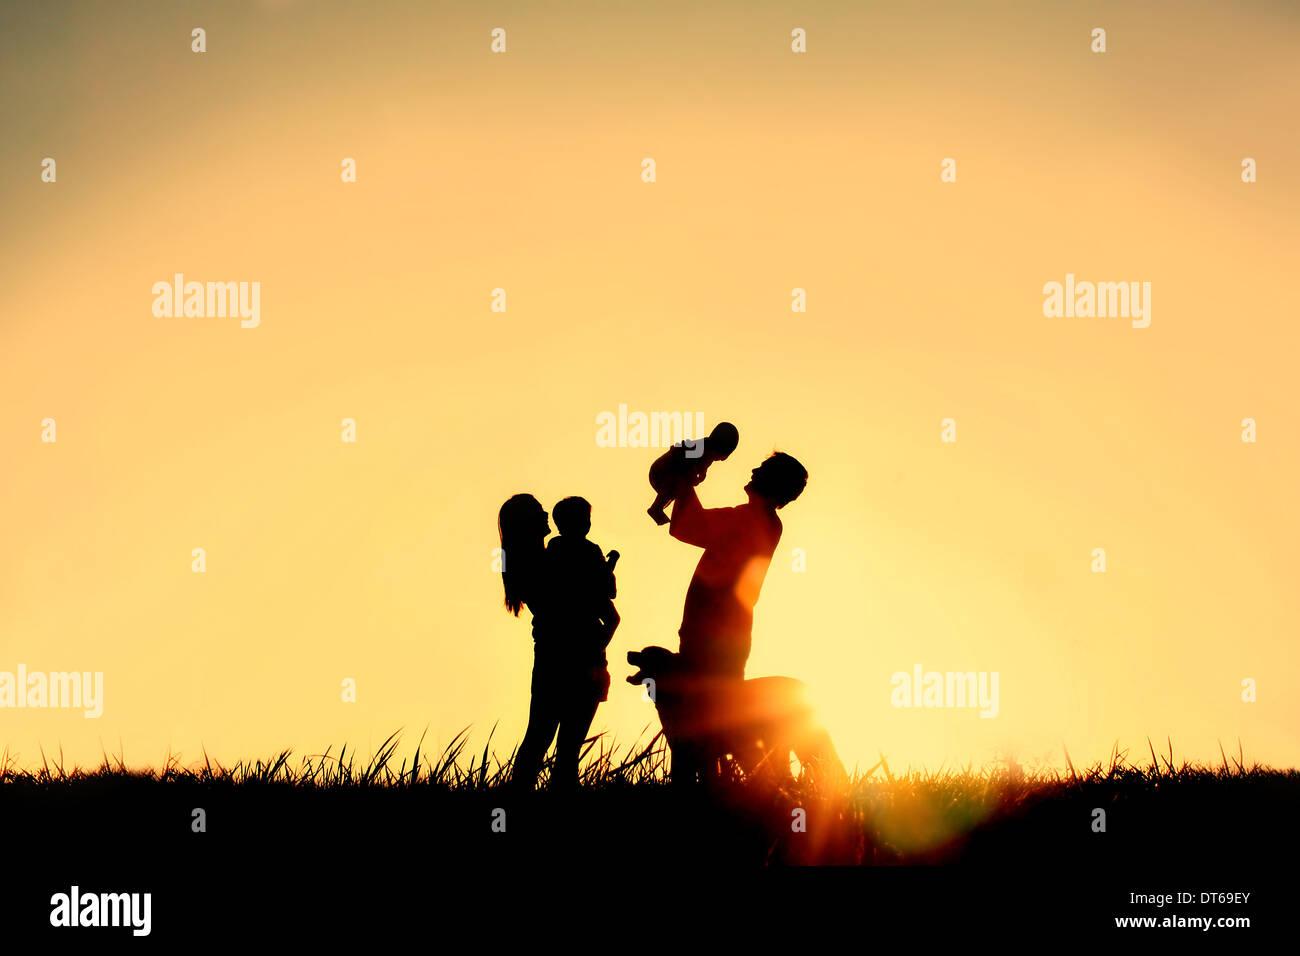 La silhouette di una felice famiglia di quattro persone, madre, padre, baby, e il bambino ed il loro cane davanti a un cielo sunsetting, Immagini Stock